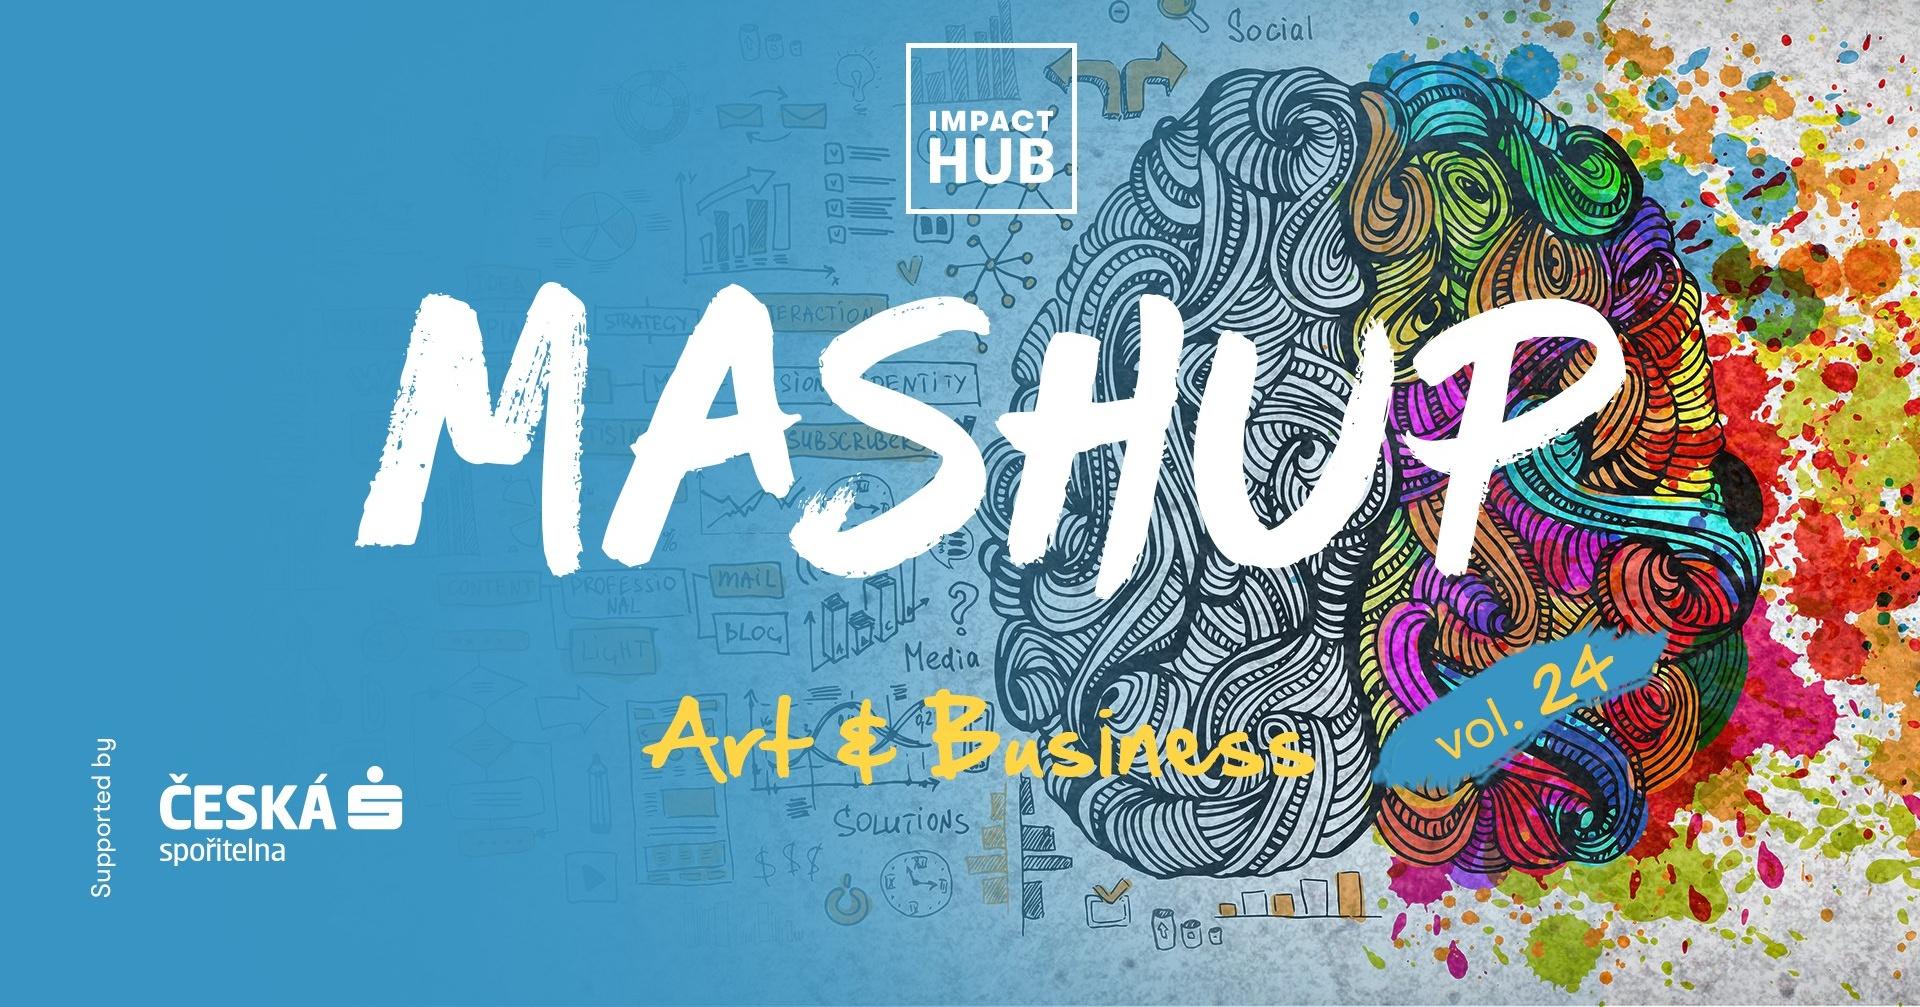 Impact Hub MashUp vol. 24: Art & Business